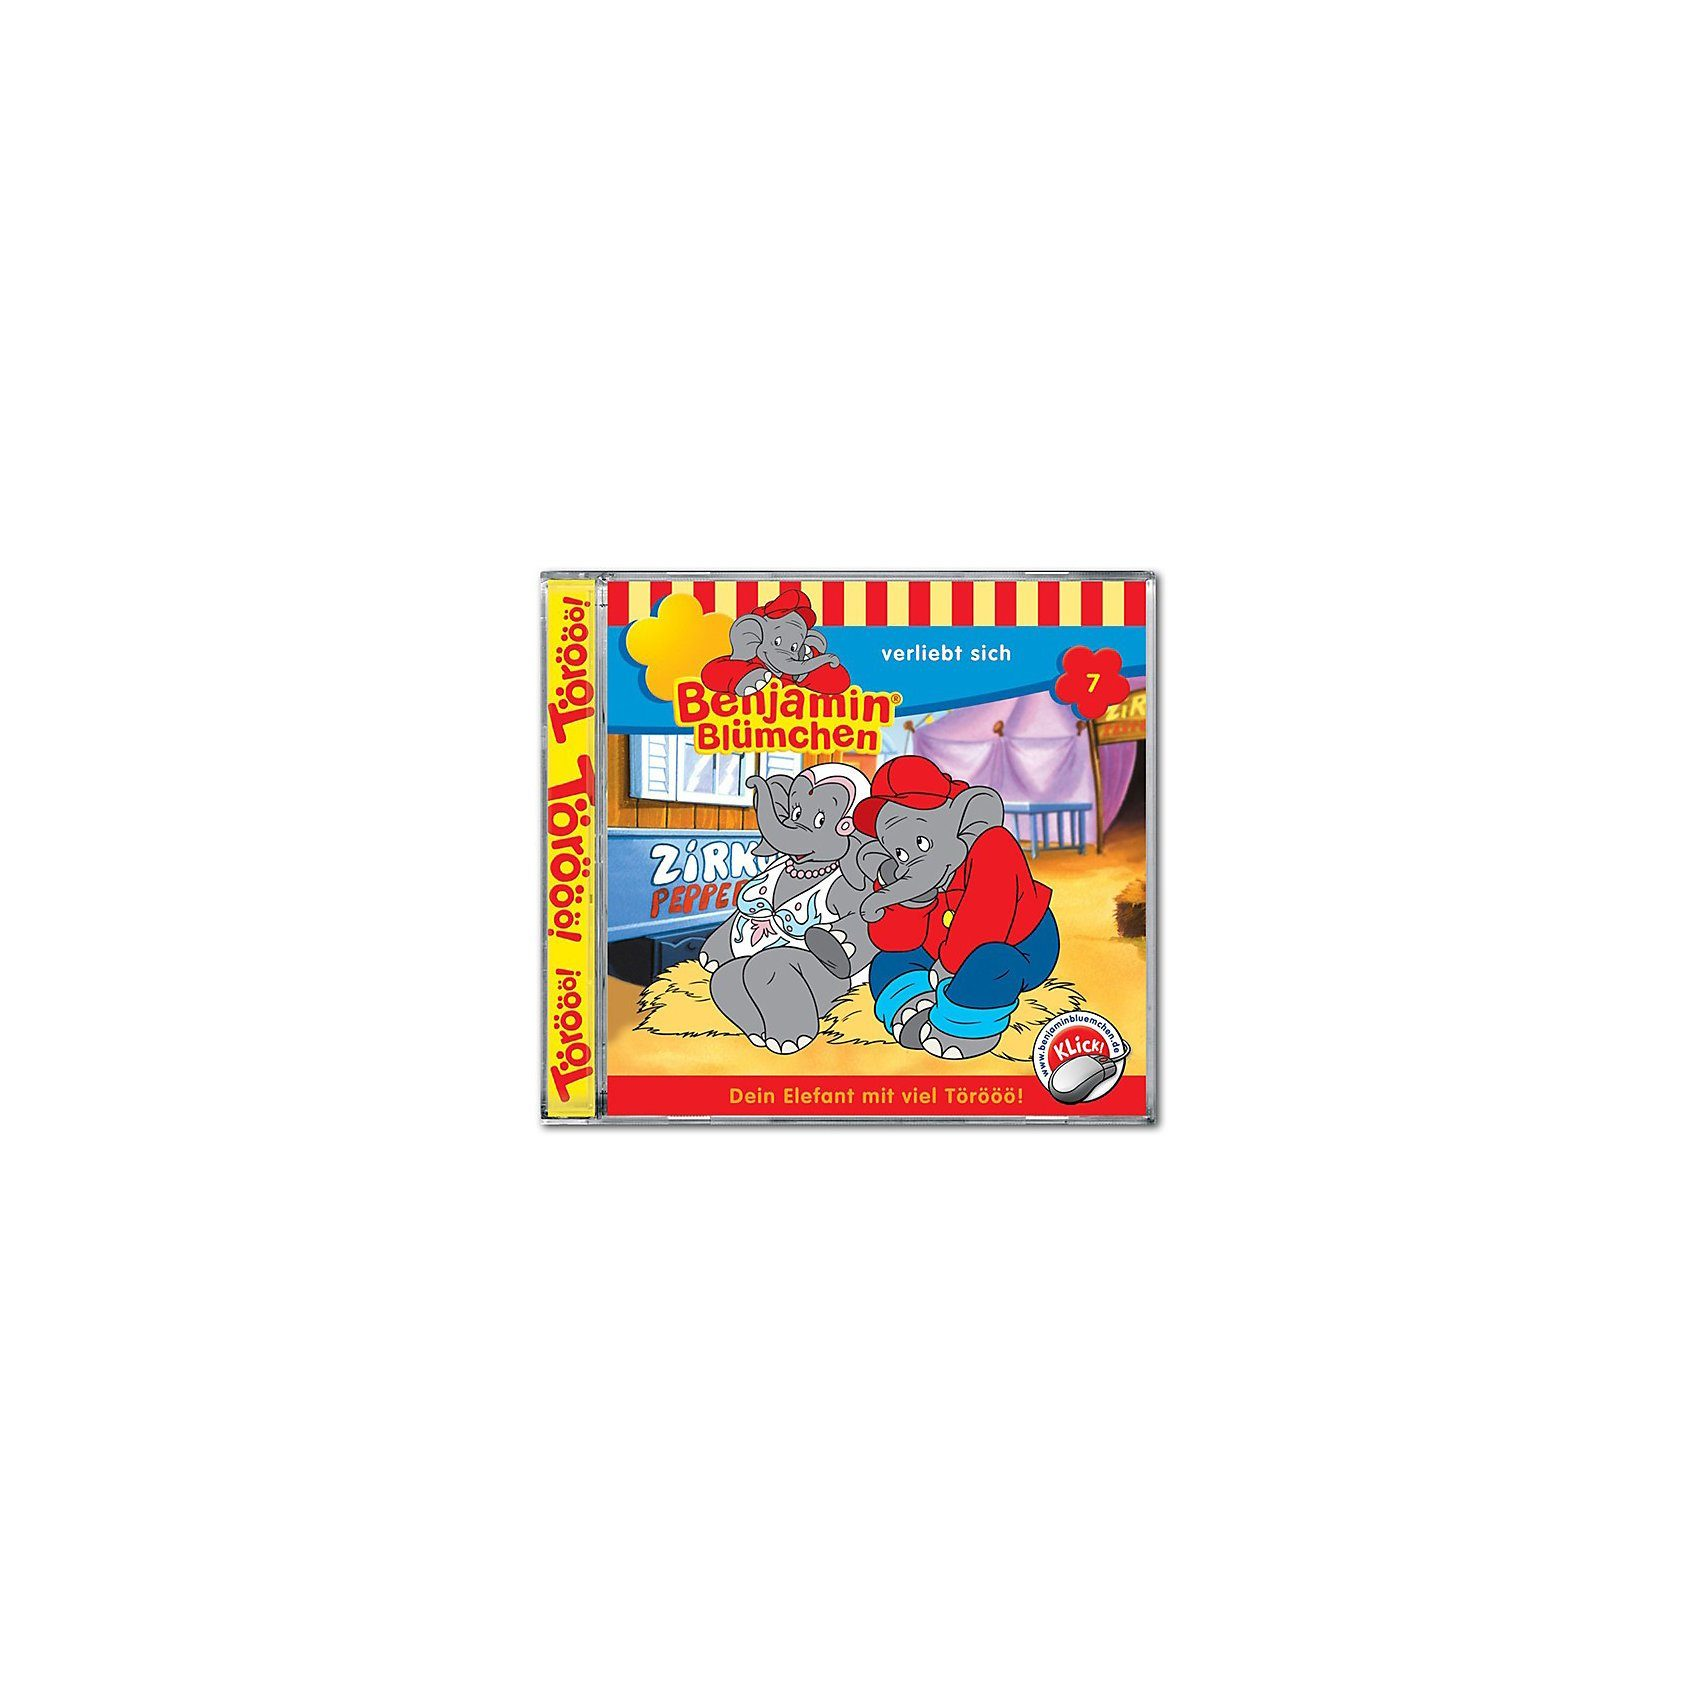 Kiddinx CD Benjamin Blümchen 07 - verliebt sich